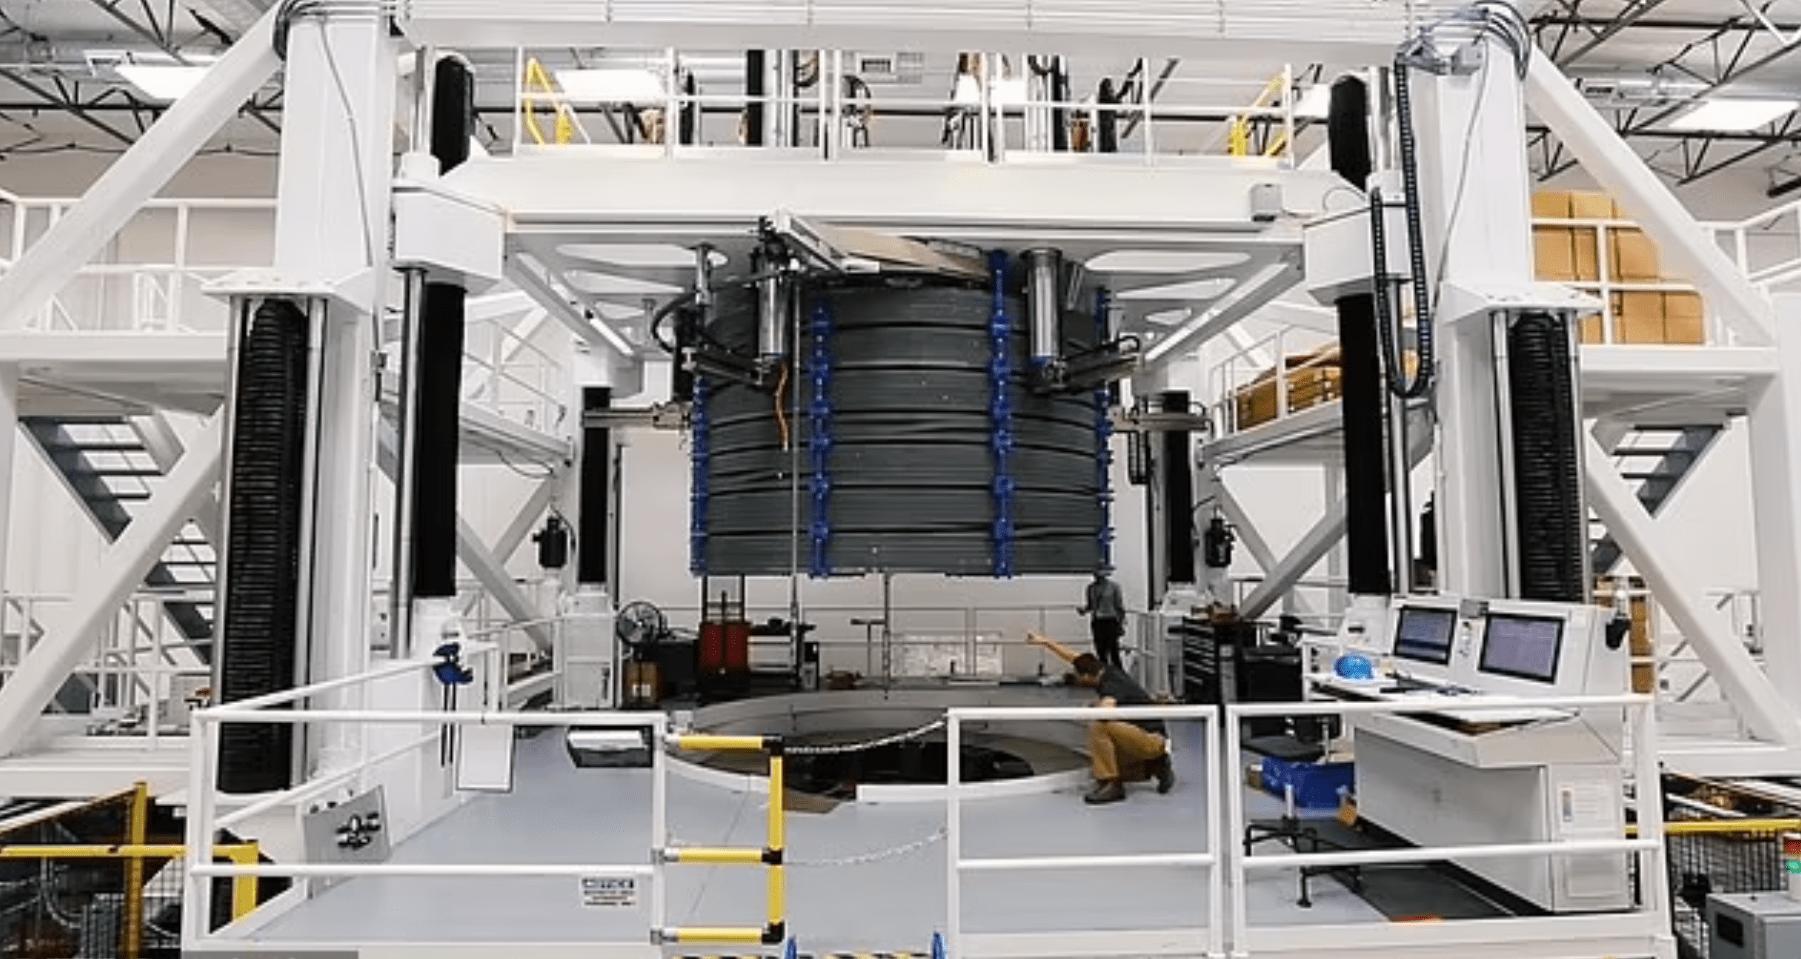 """磁铁 核聚变·世界最强磁铁将运往法国组装""""人造太阳"""",可将航母吸离地面"""